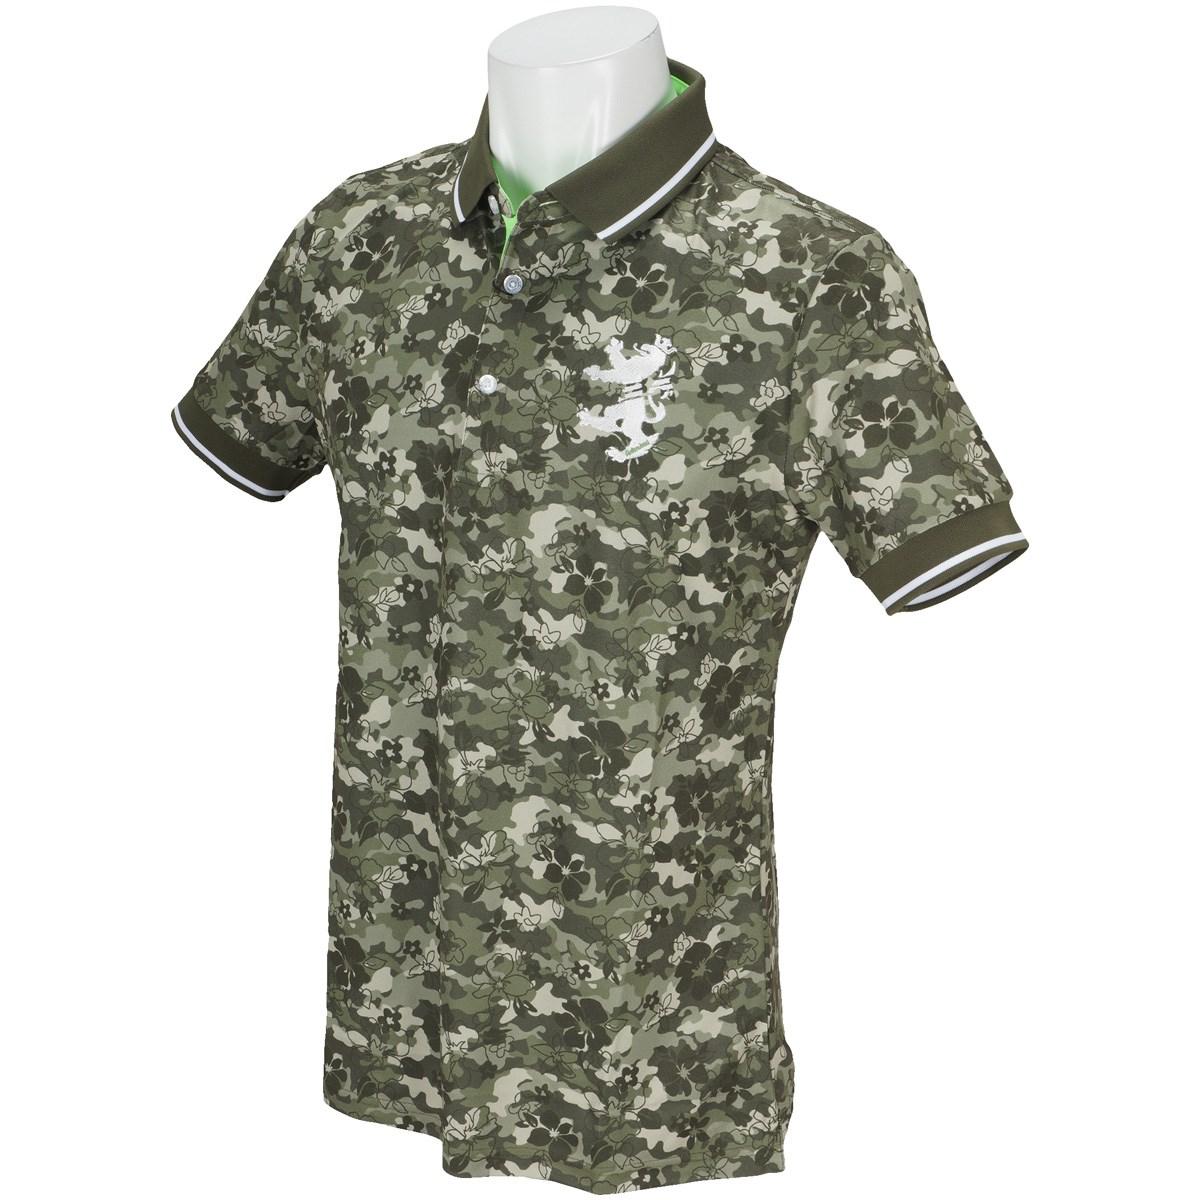 アドミラル カモリーフ  半袖ポロシャツ